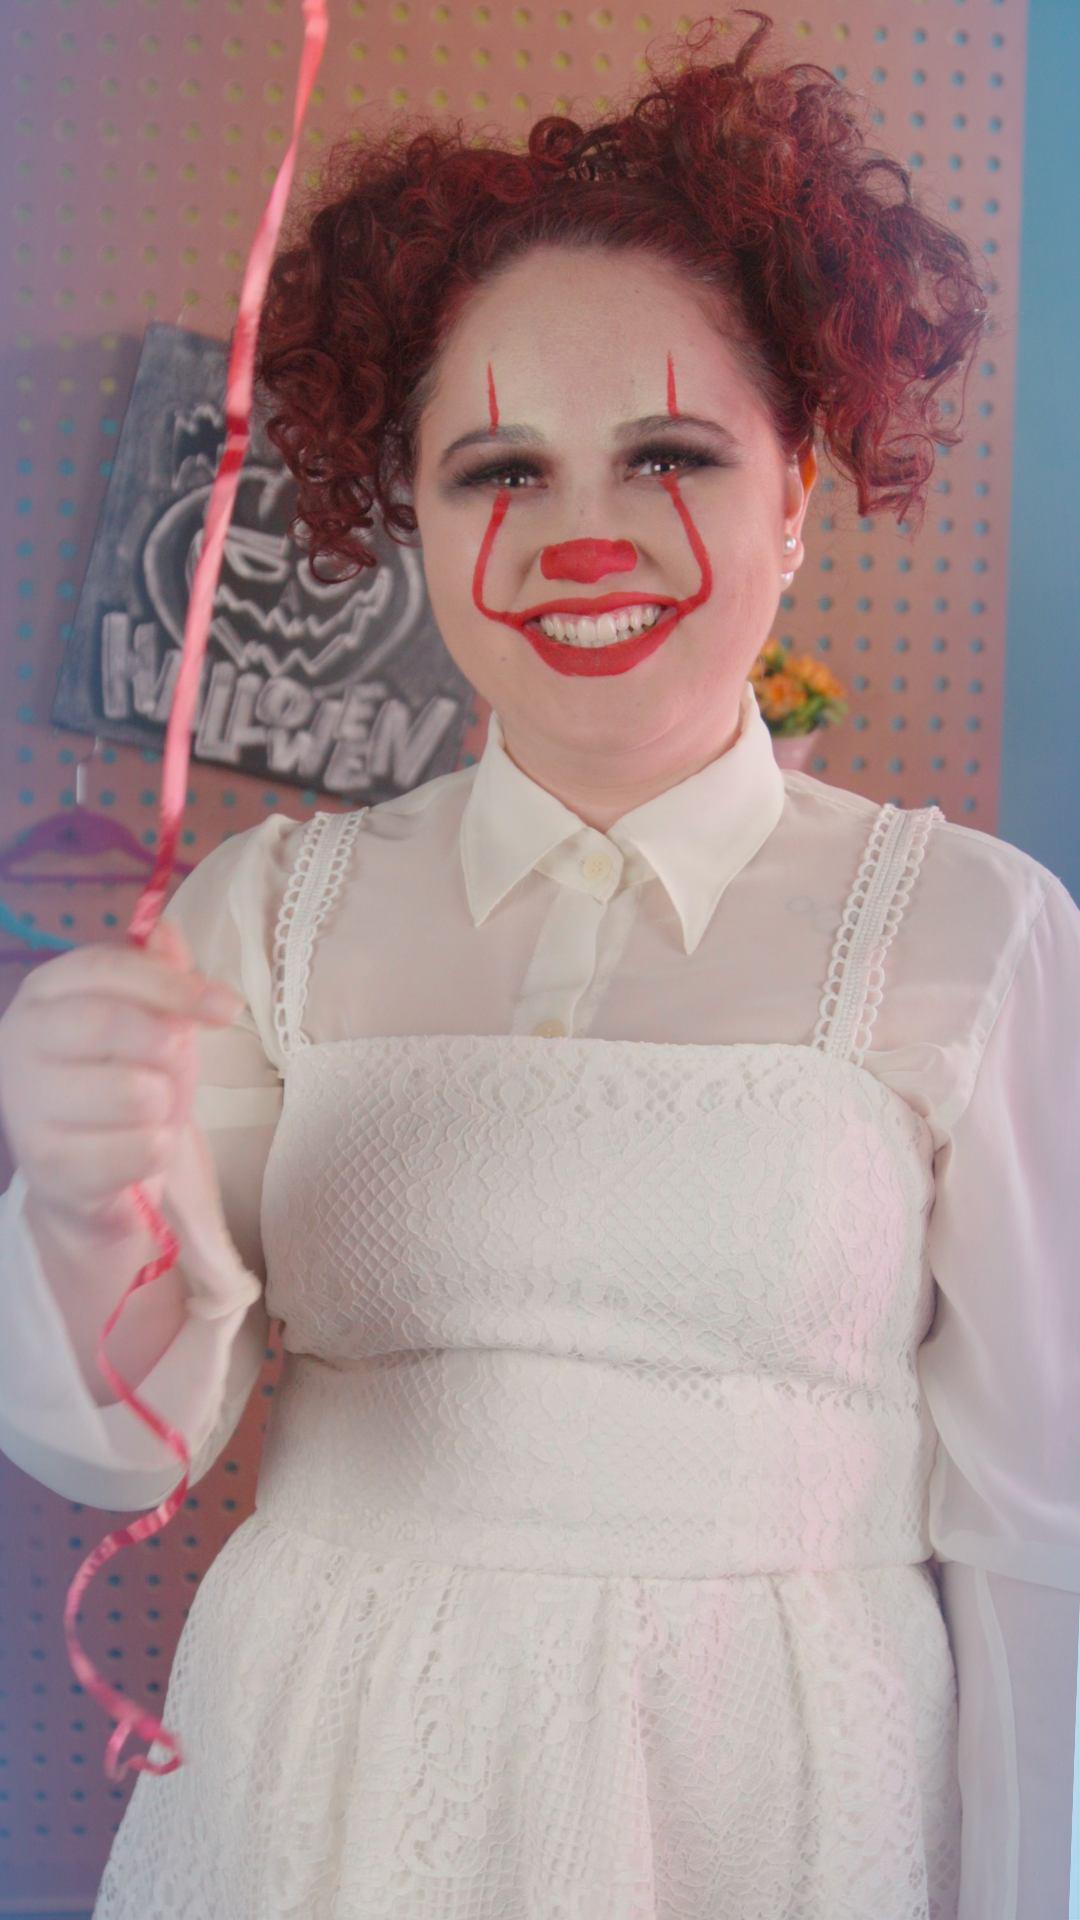 BRUTO MONDAINE HALLOWEEN V01 compressed - 3 fantasias práticas e fáceis de Halloween: veja no Ouse Todo Dia